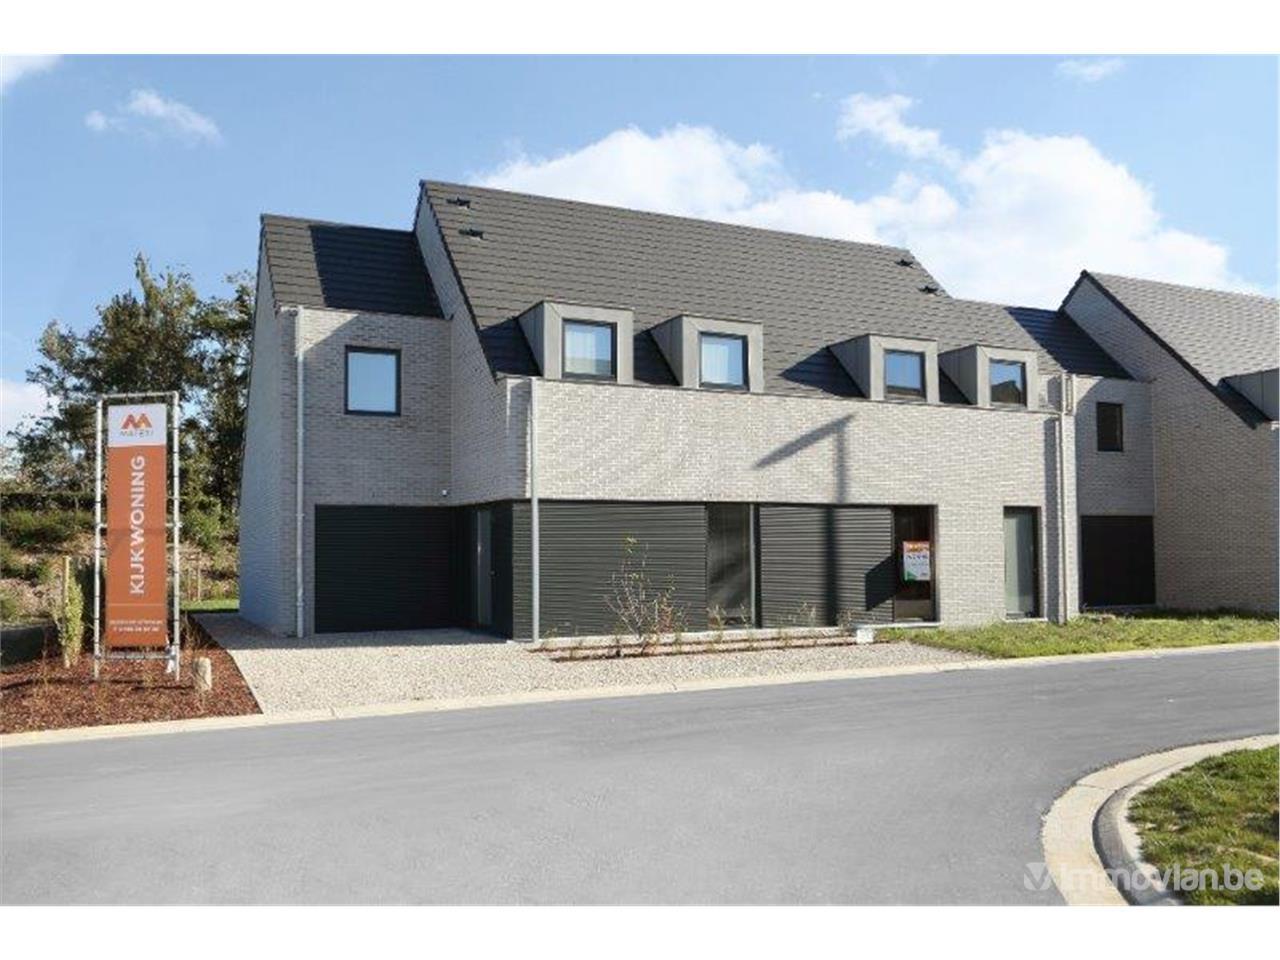 Huis te koop in meidoornstraat 2 izegem referentie for Huizen te koop izegem